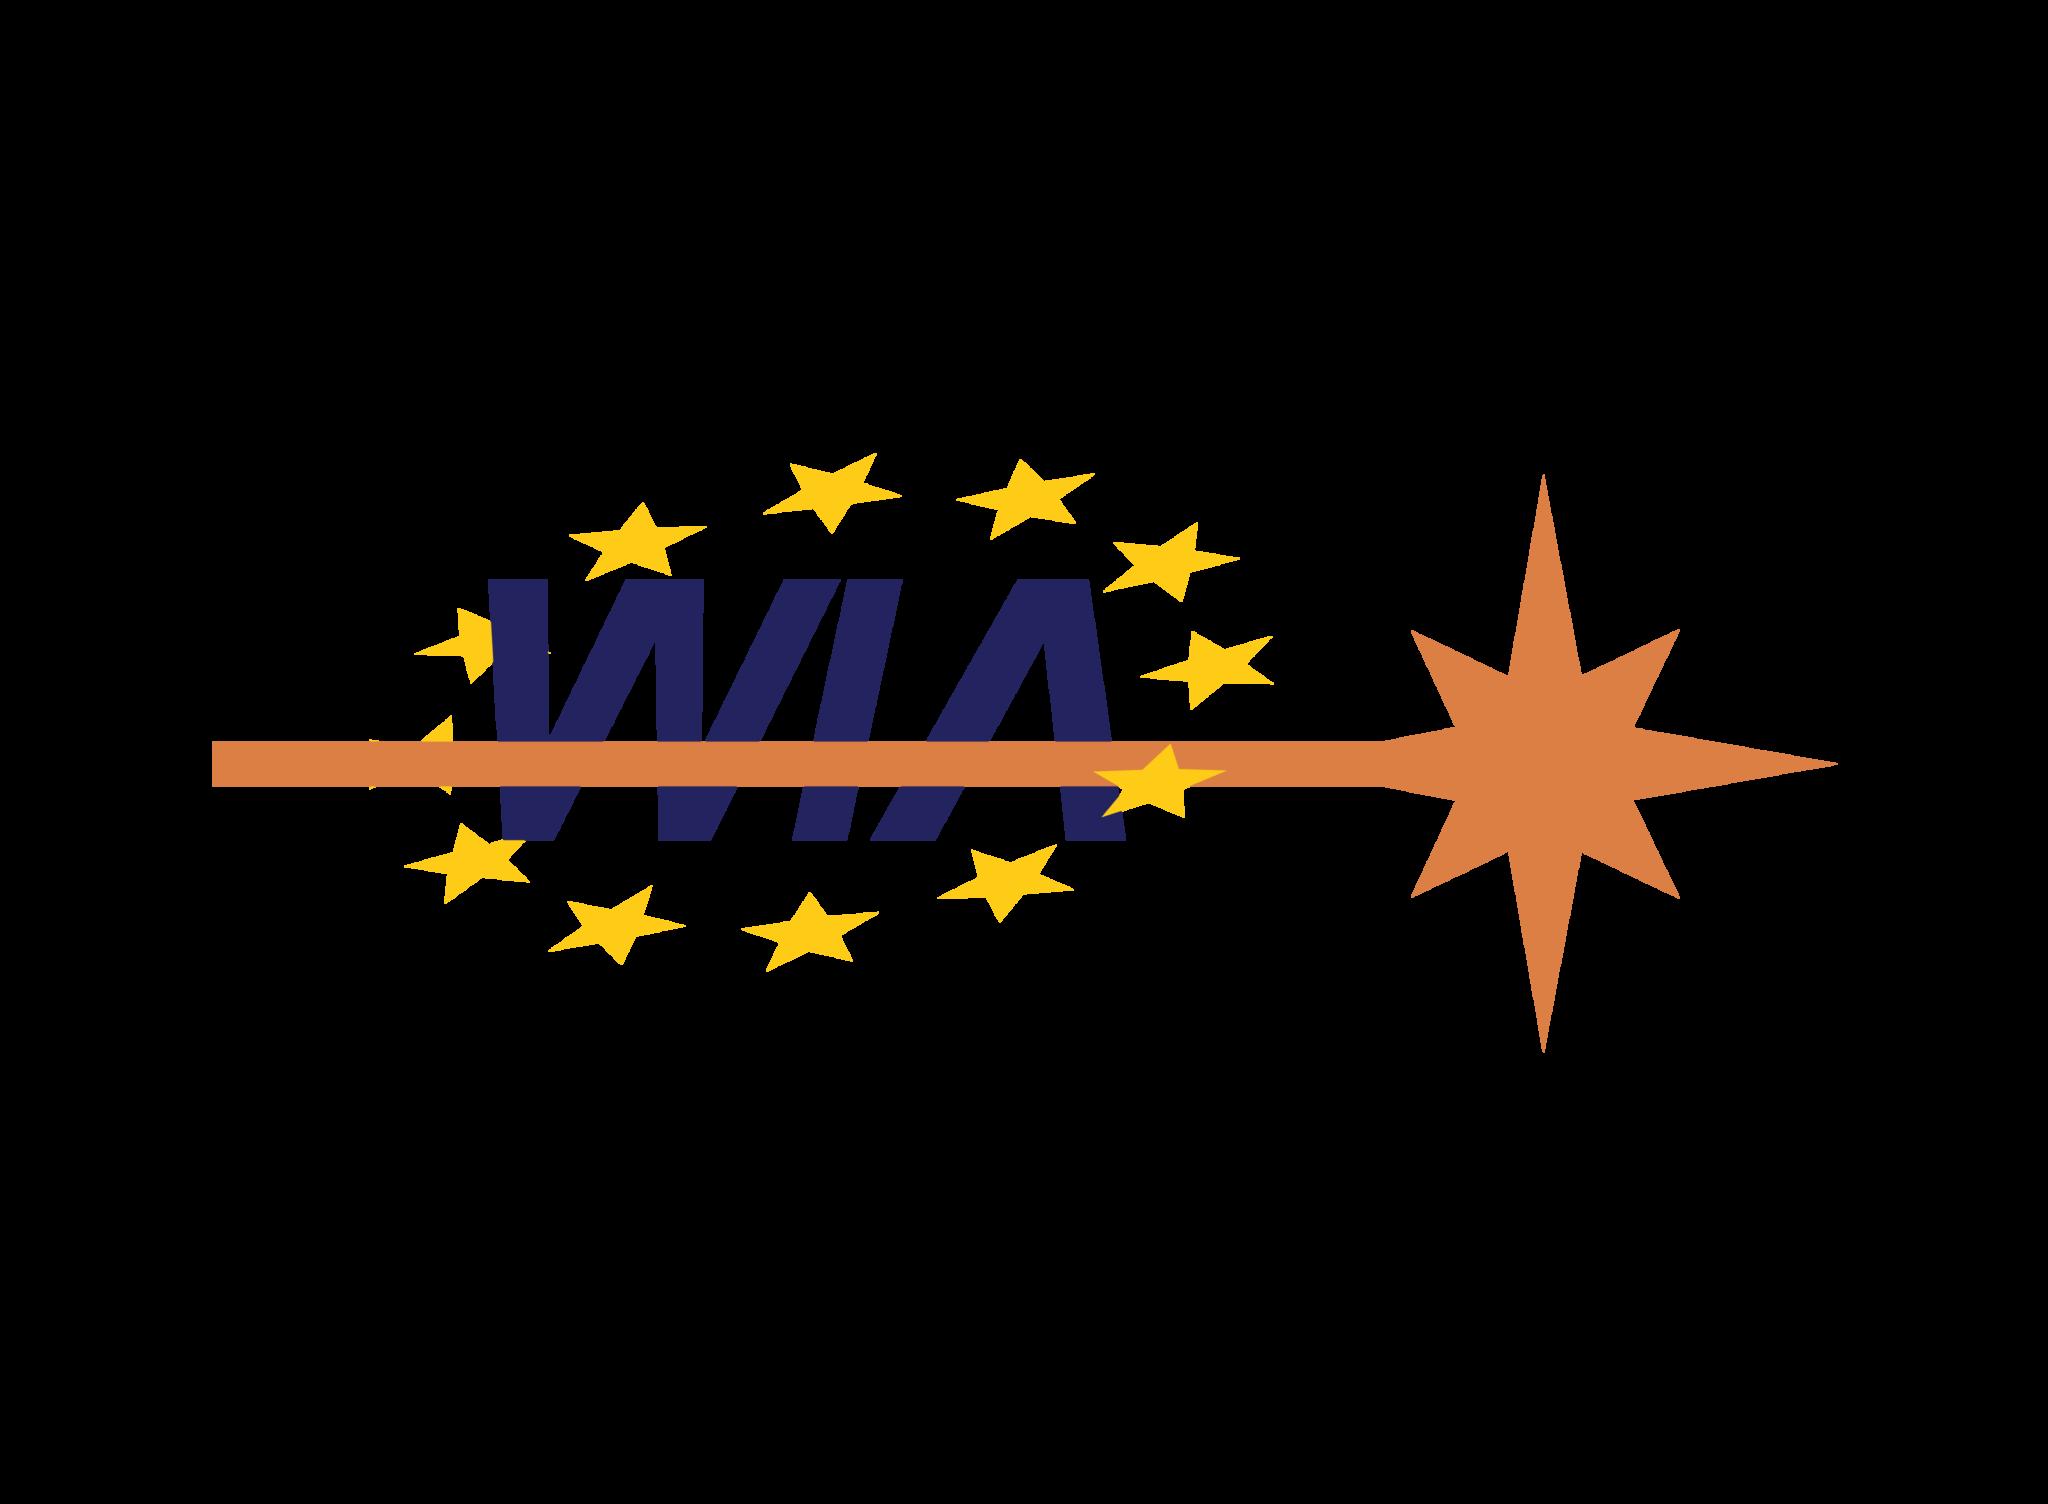 WIA - Women In Aerospace